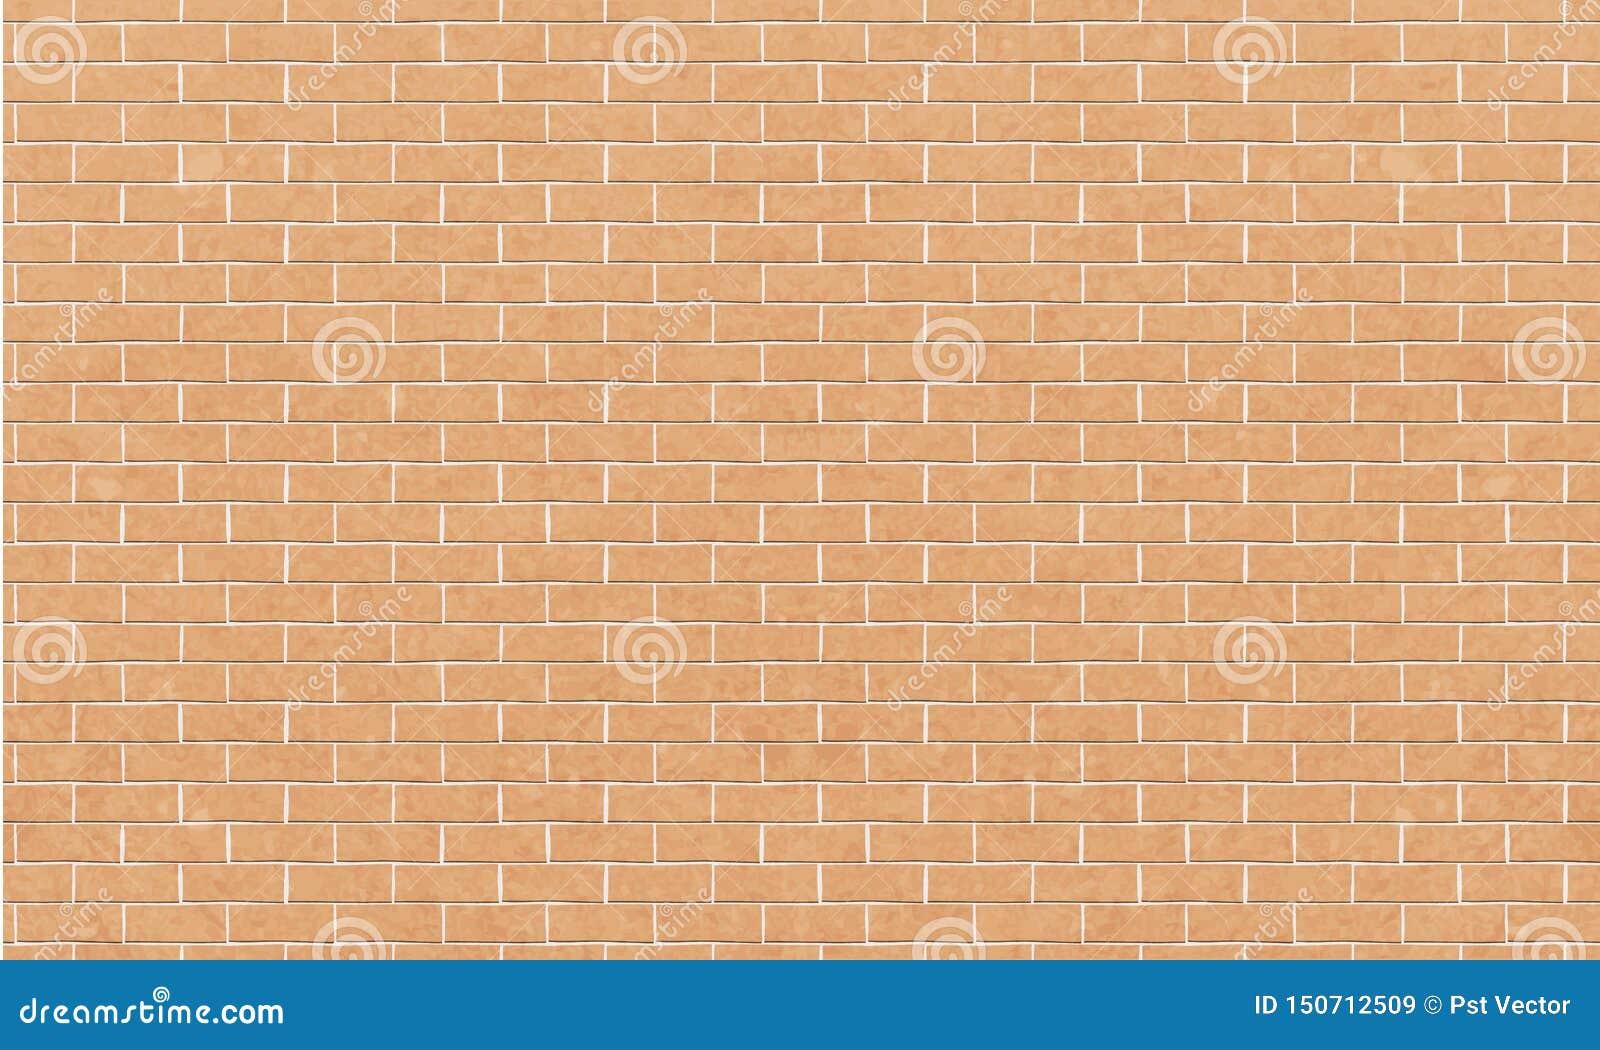 Кирпичная стена, желтая белая предпосылка текстуры стены кирпичей для графического дизайна, вектора